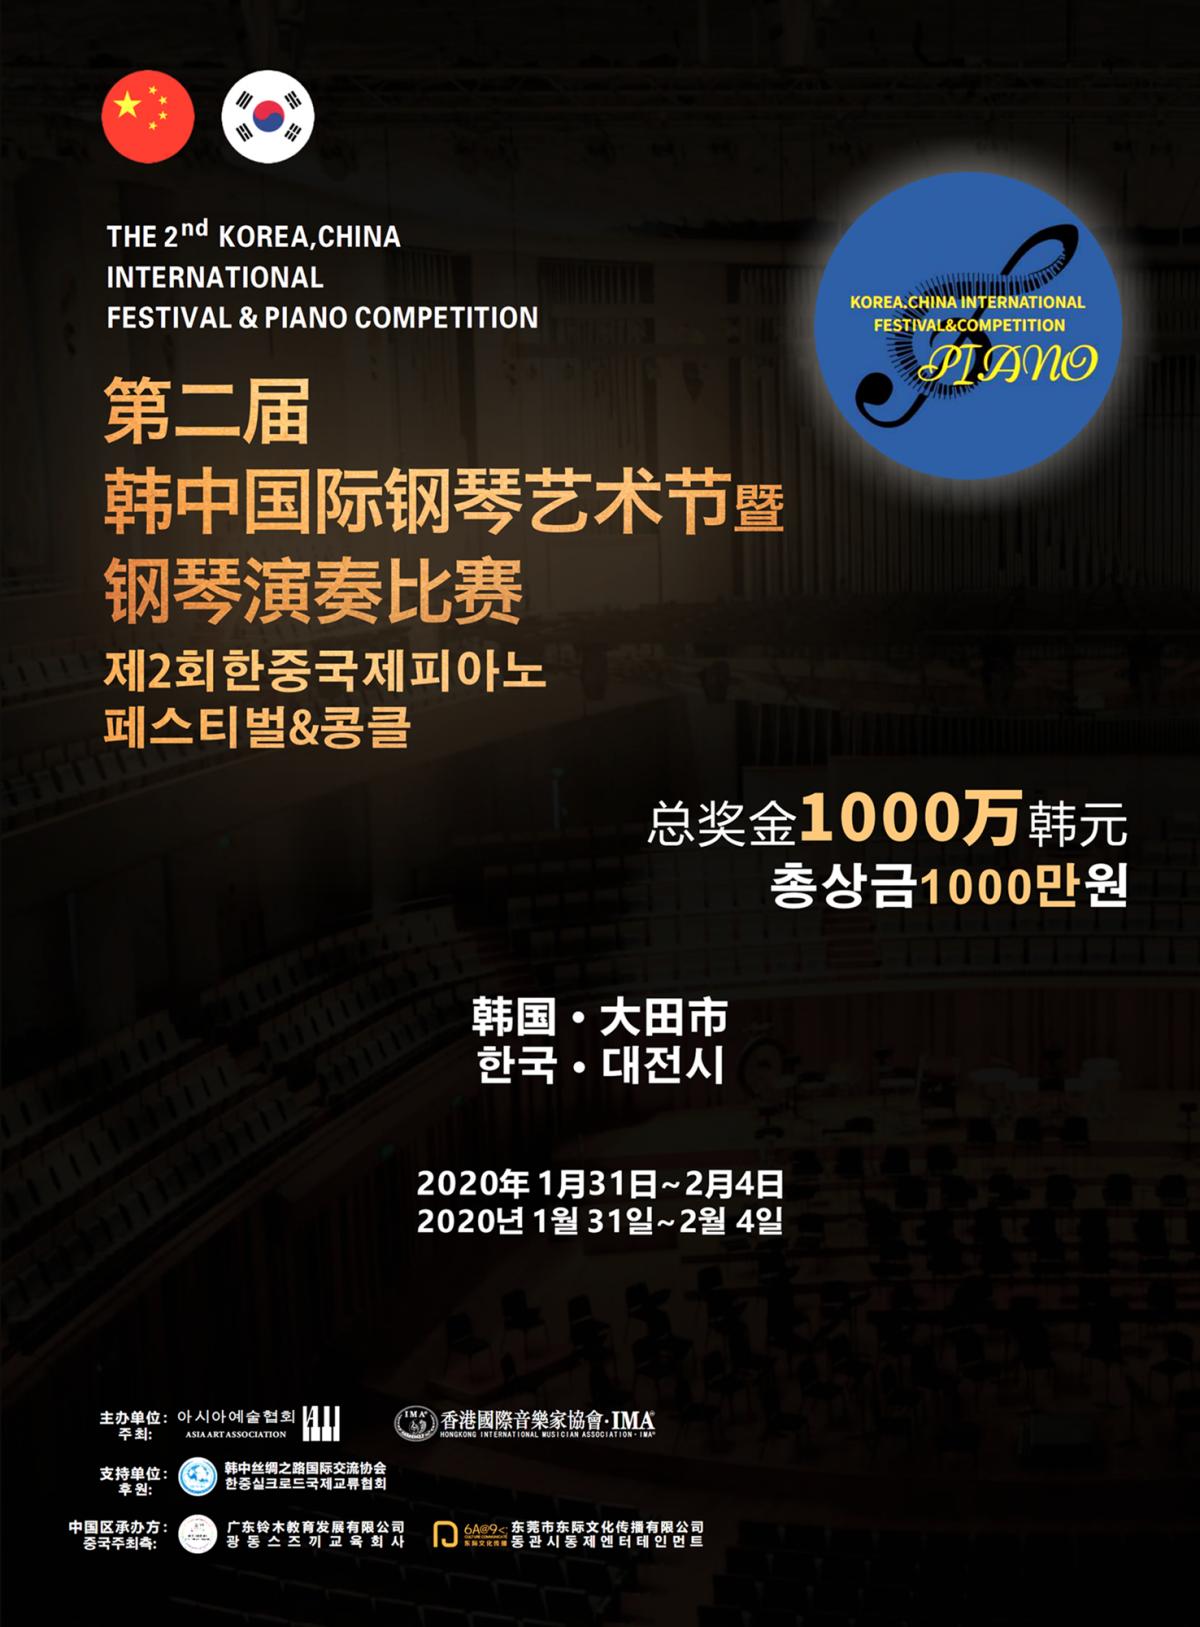 2020韓中國際鋼琴節章程(簡體)19.9.16_00.png